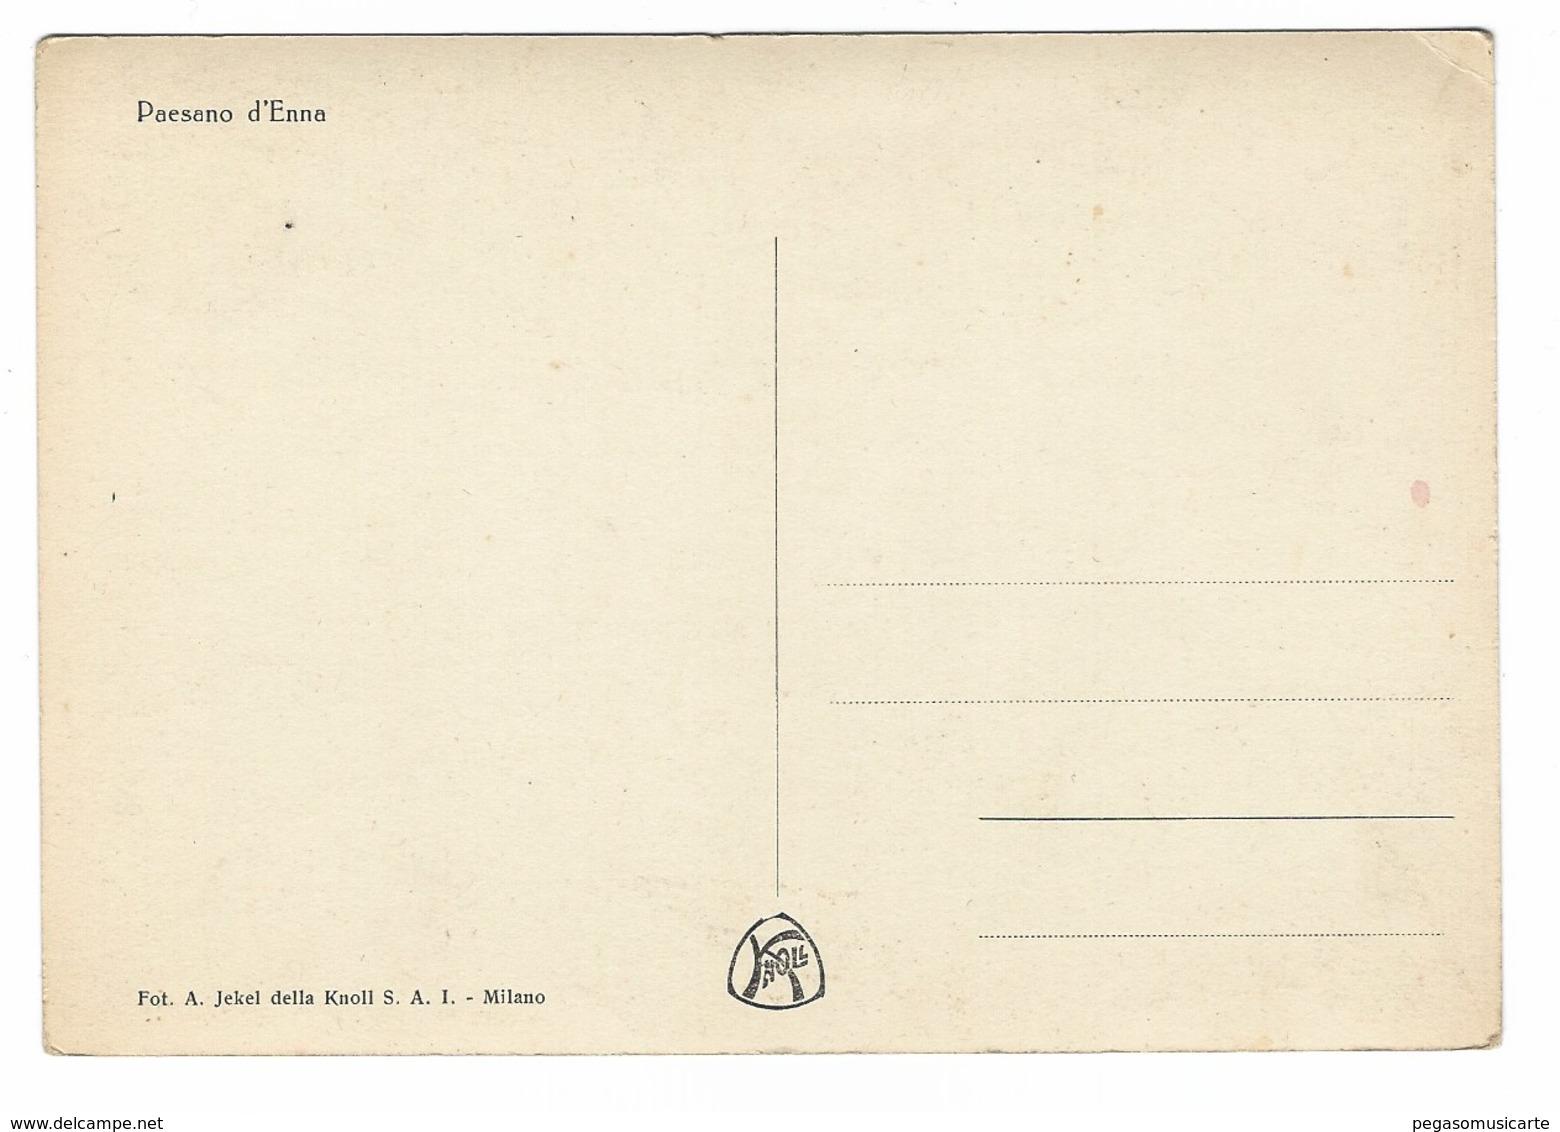 2628 - ENNA PAESANO D' ENNA 1940 CIRCA - Enna